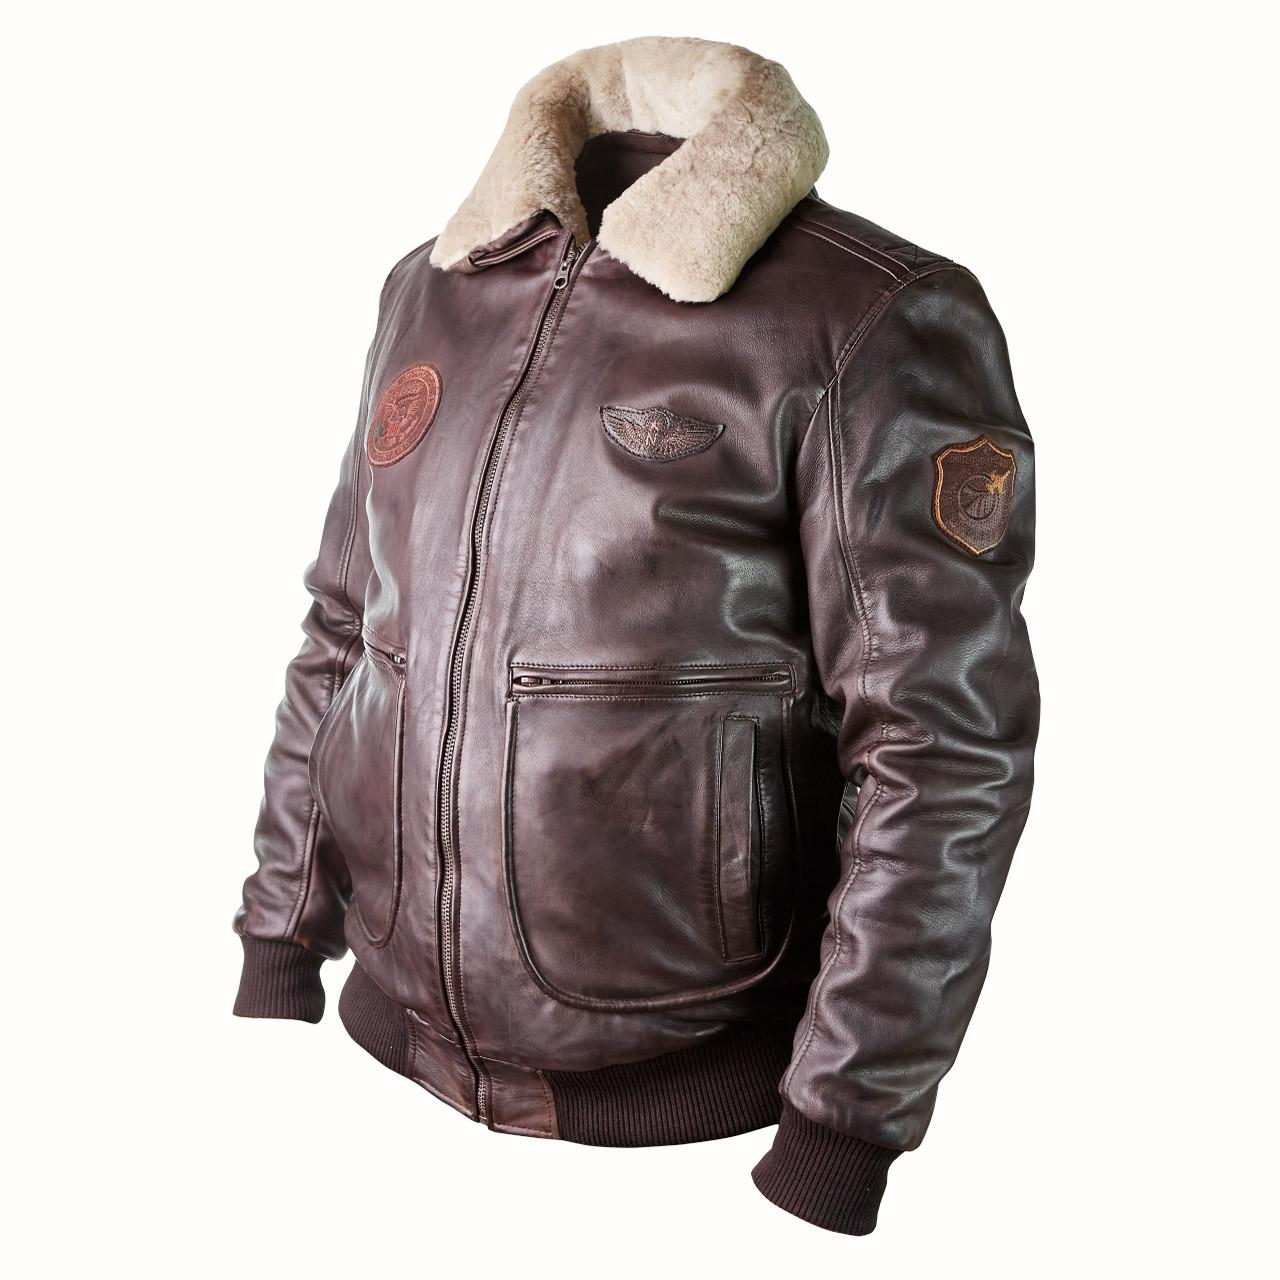 Мужская лётная куртка пилот PHANTOM кожаная темно-коричневая